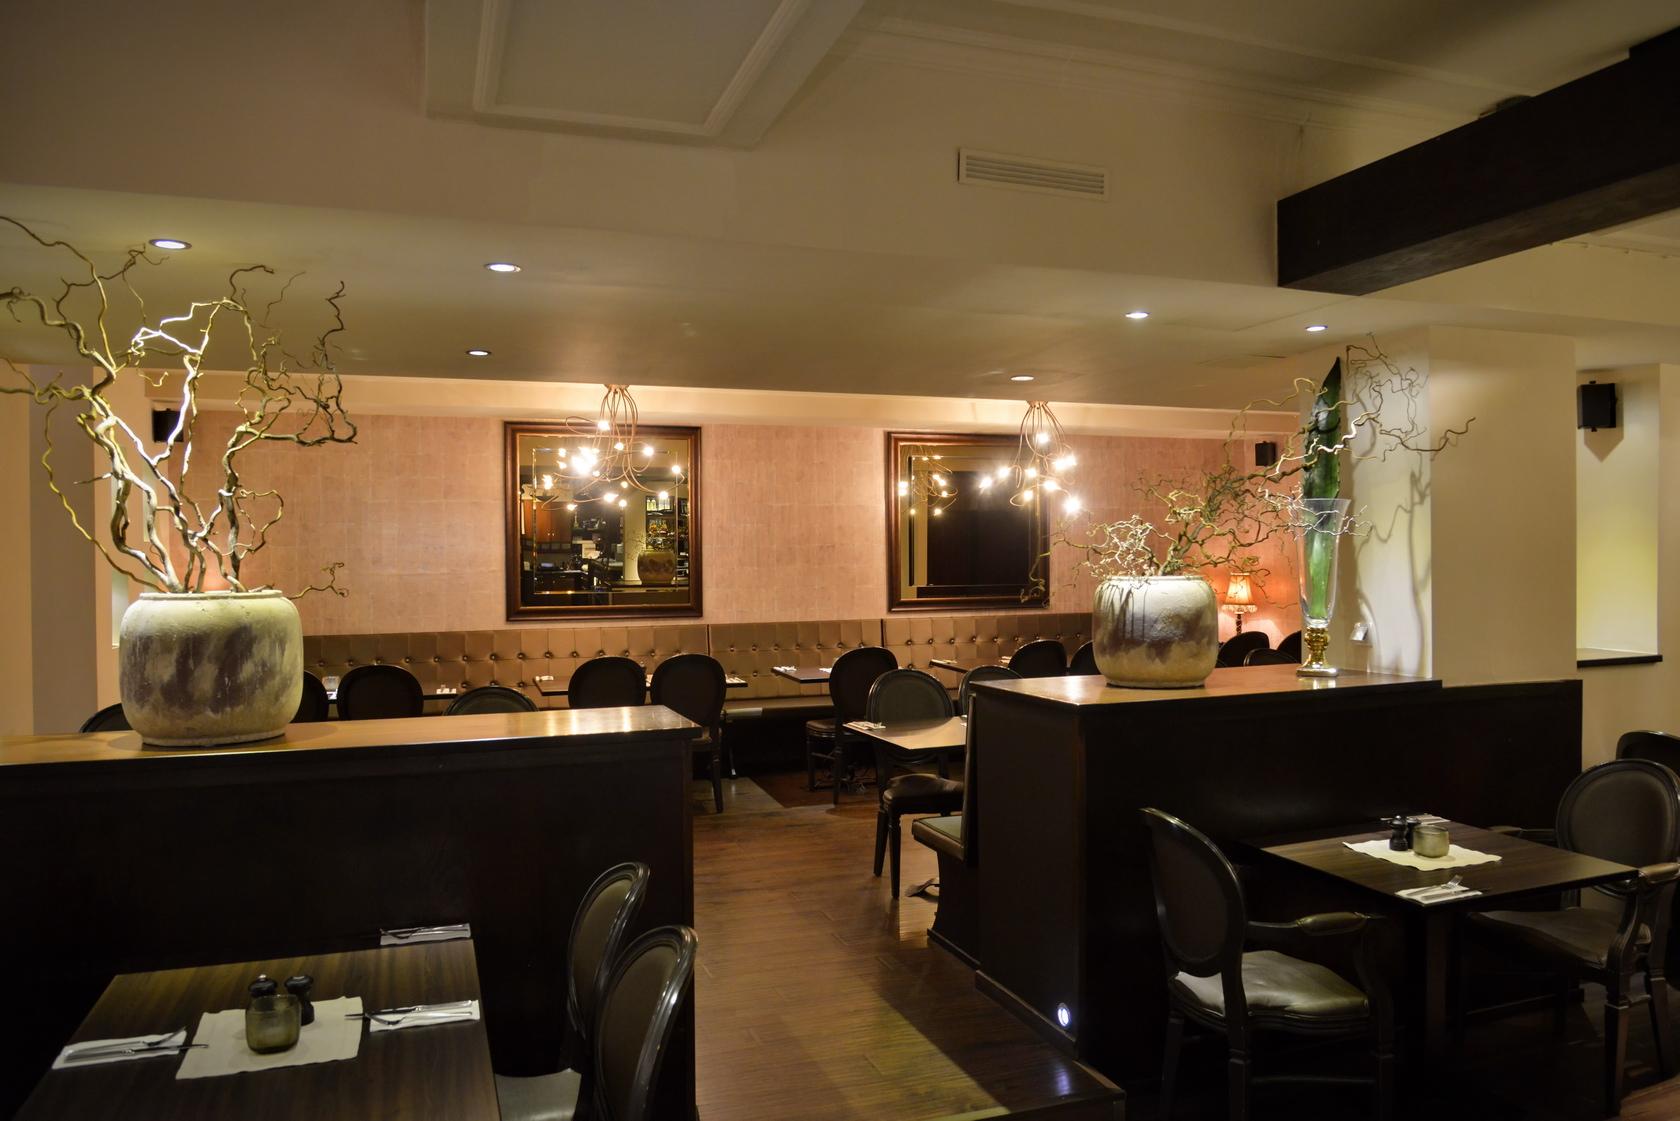 Restaurant Nrnberg  Giannikis Gastronomie  Restaurant